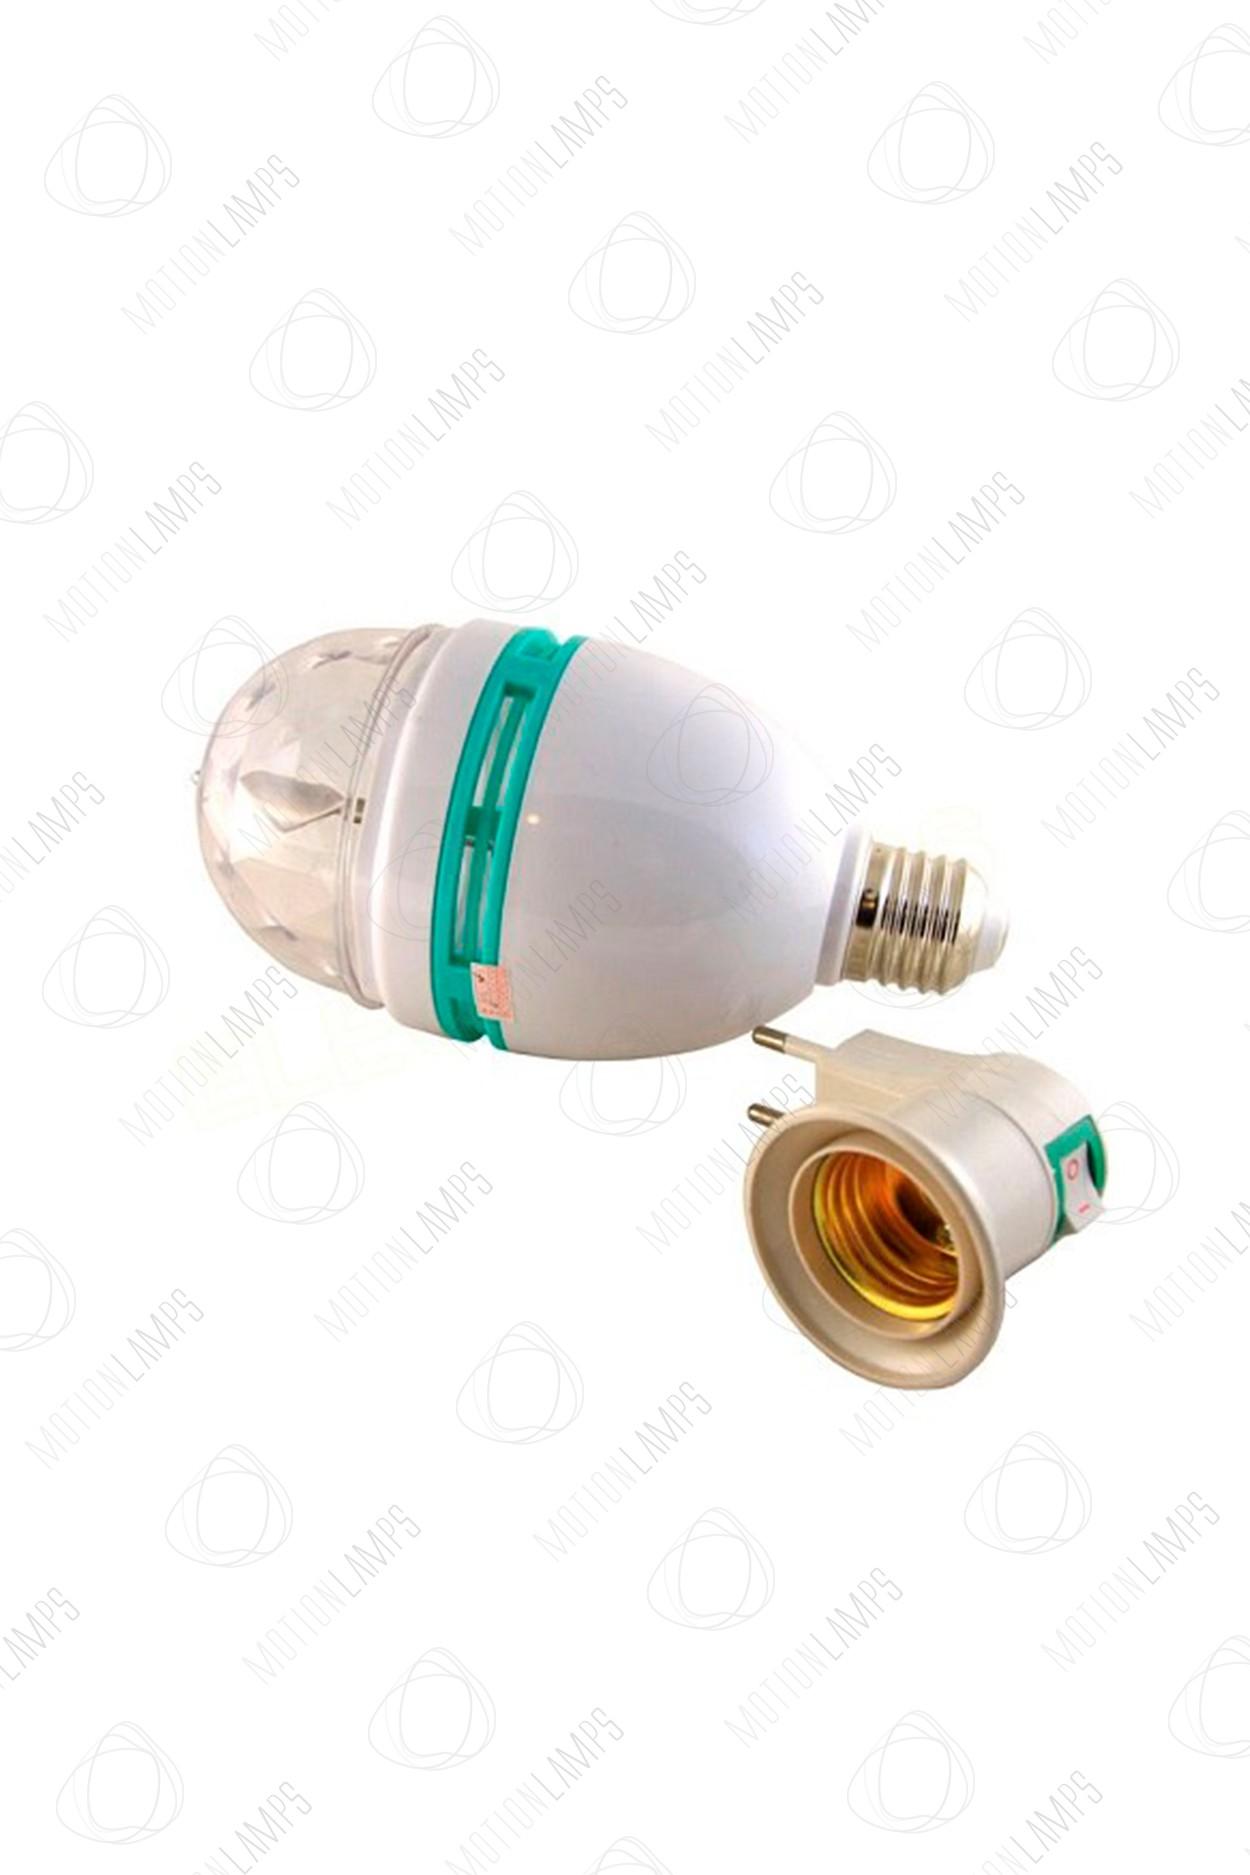 Светодиодная диско-лампа E27 LED с адаптером в Москве